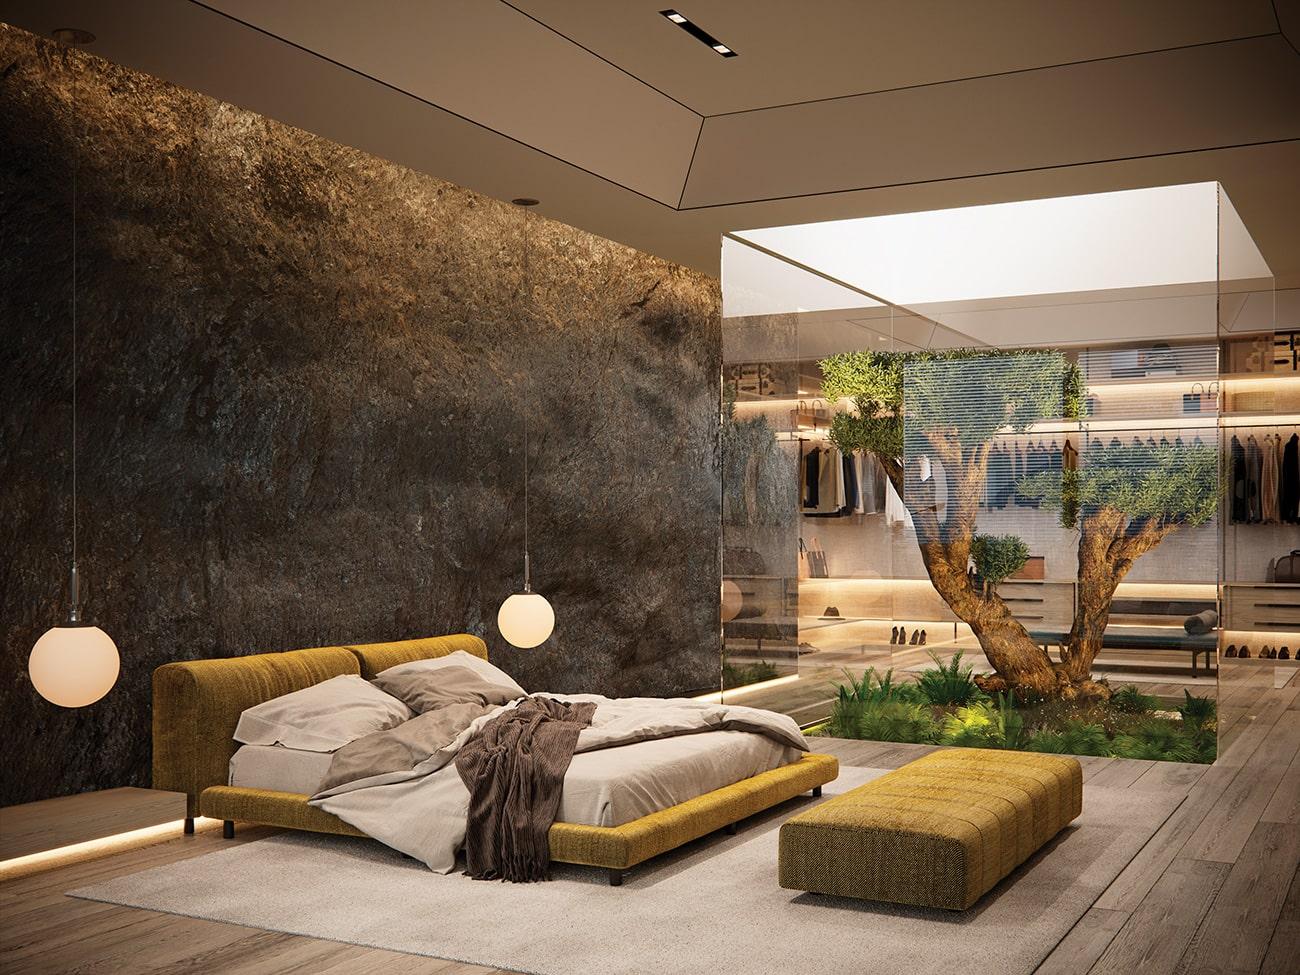 Olive Suite Udesign